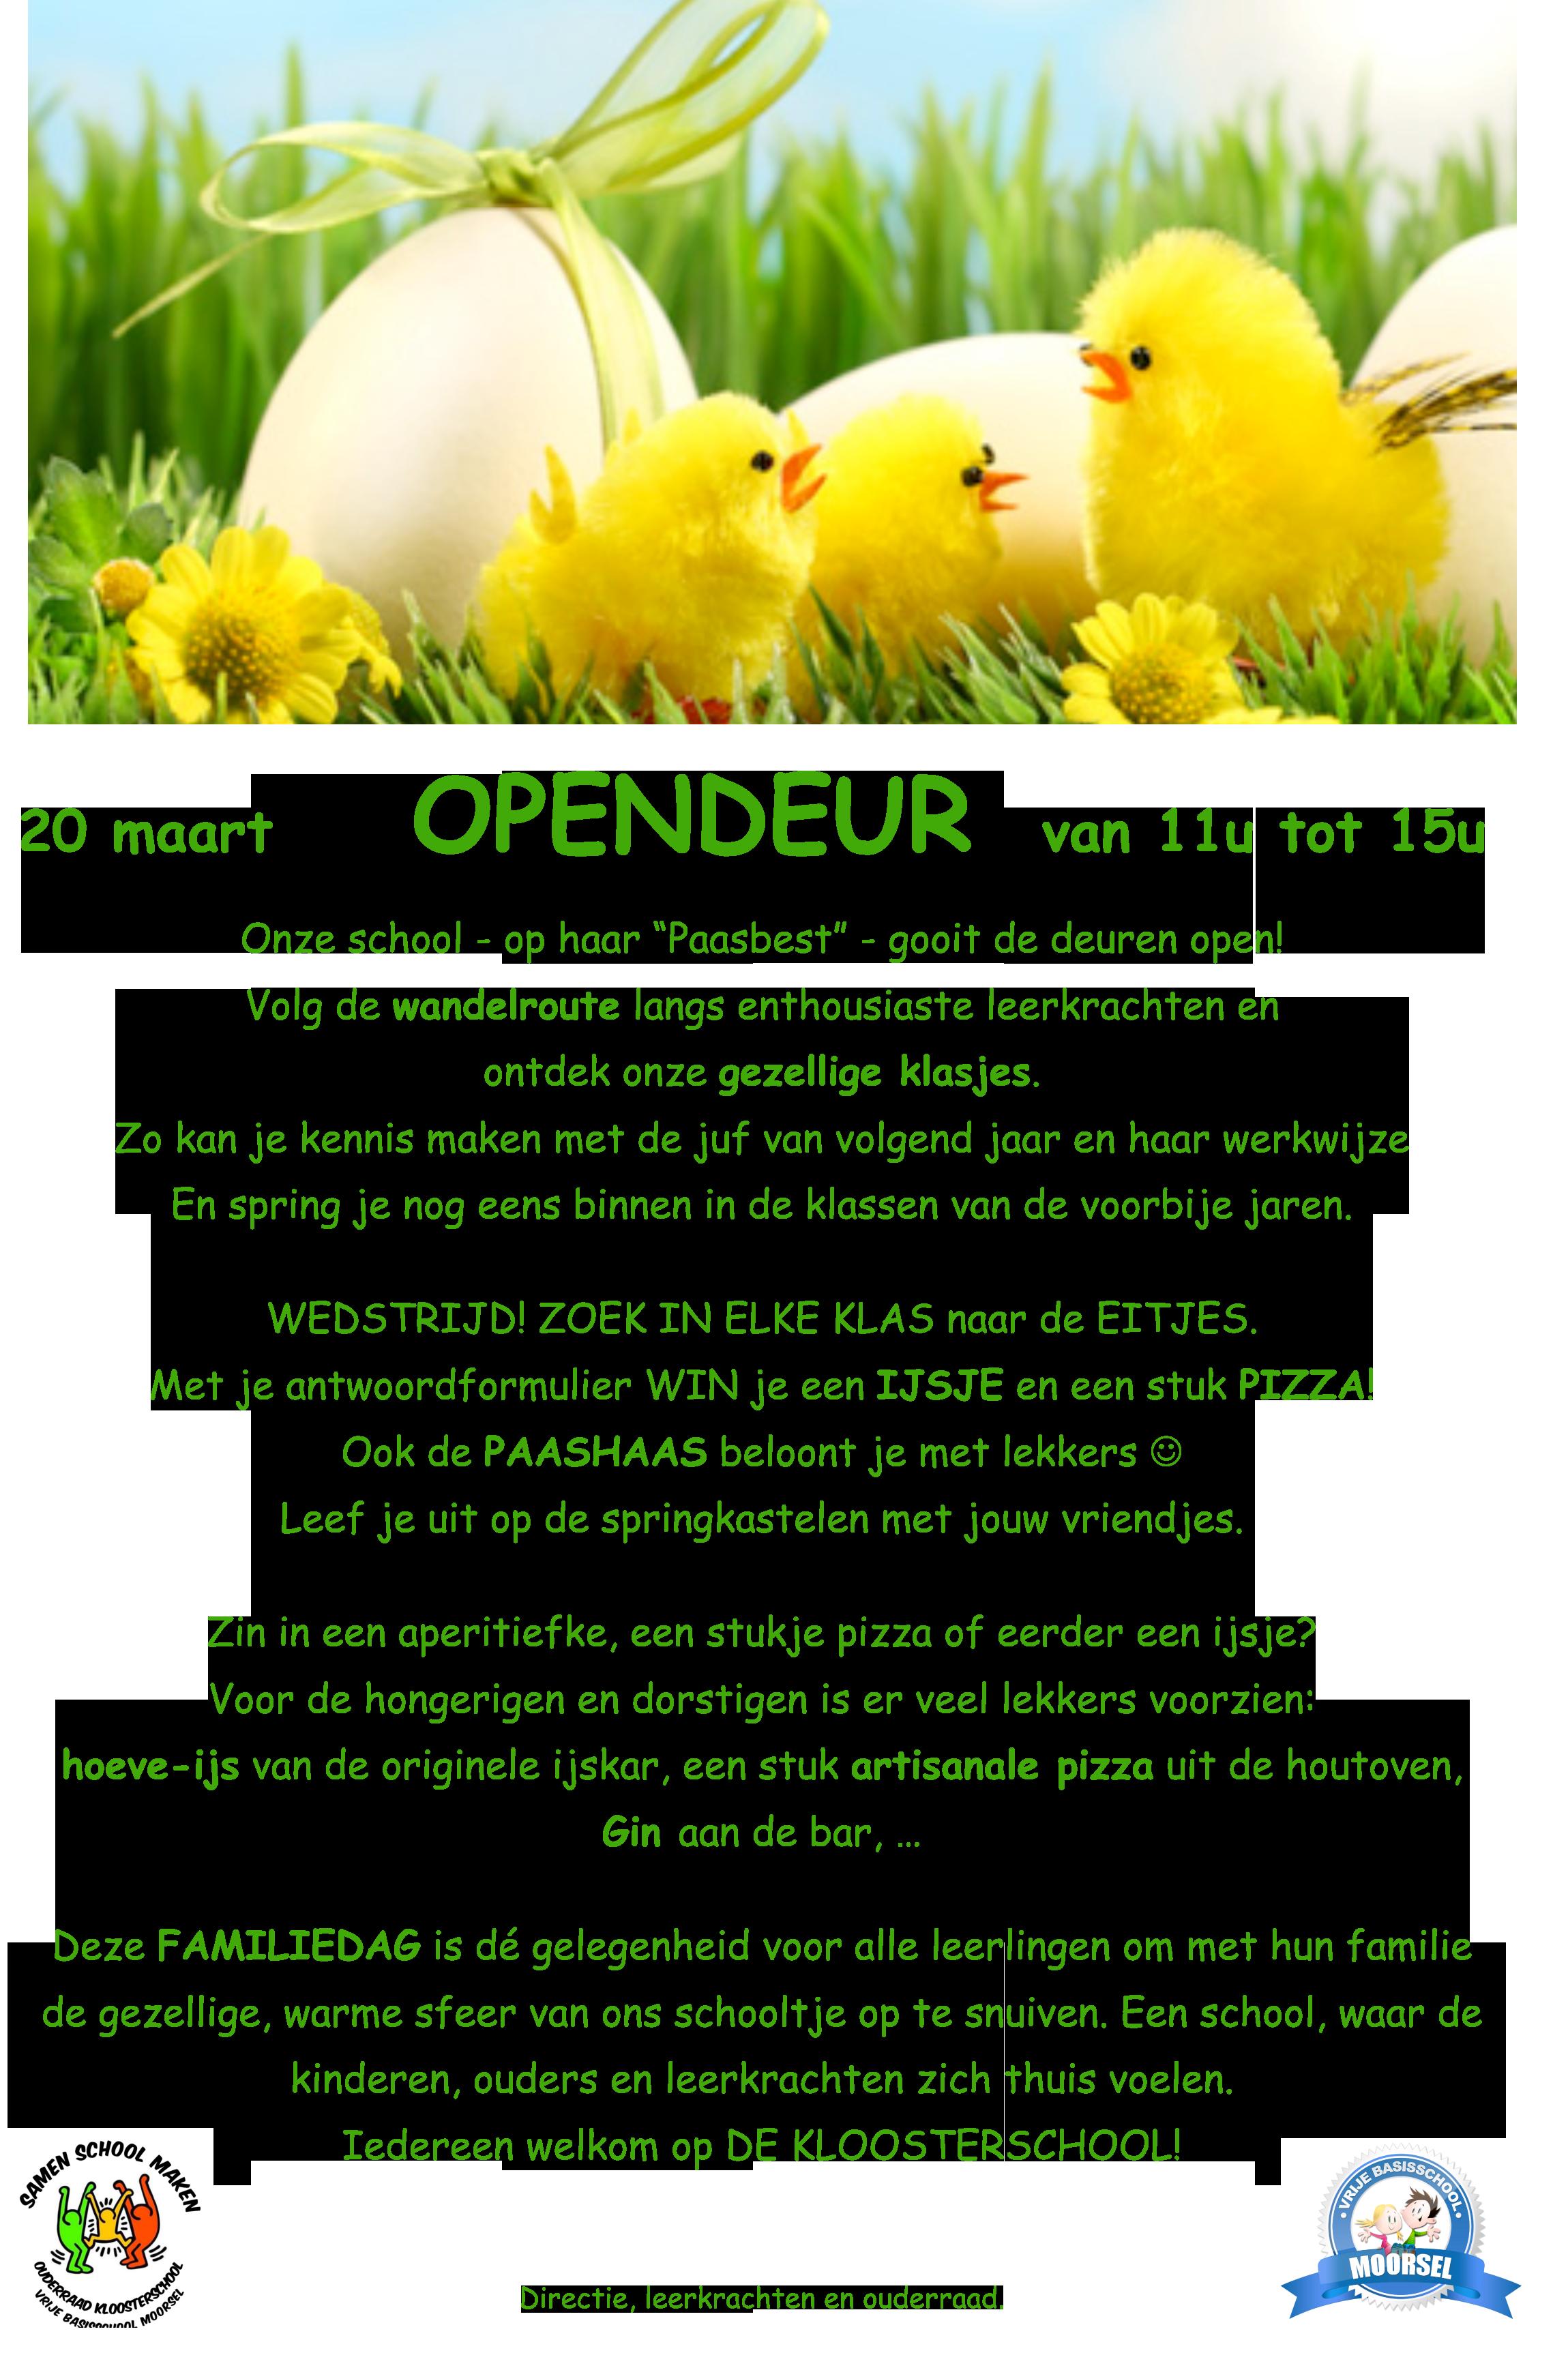 opendeur 2016-03-20